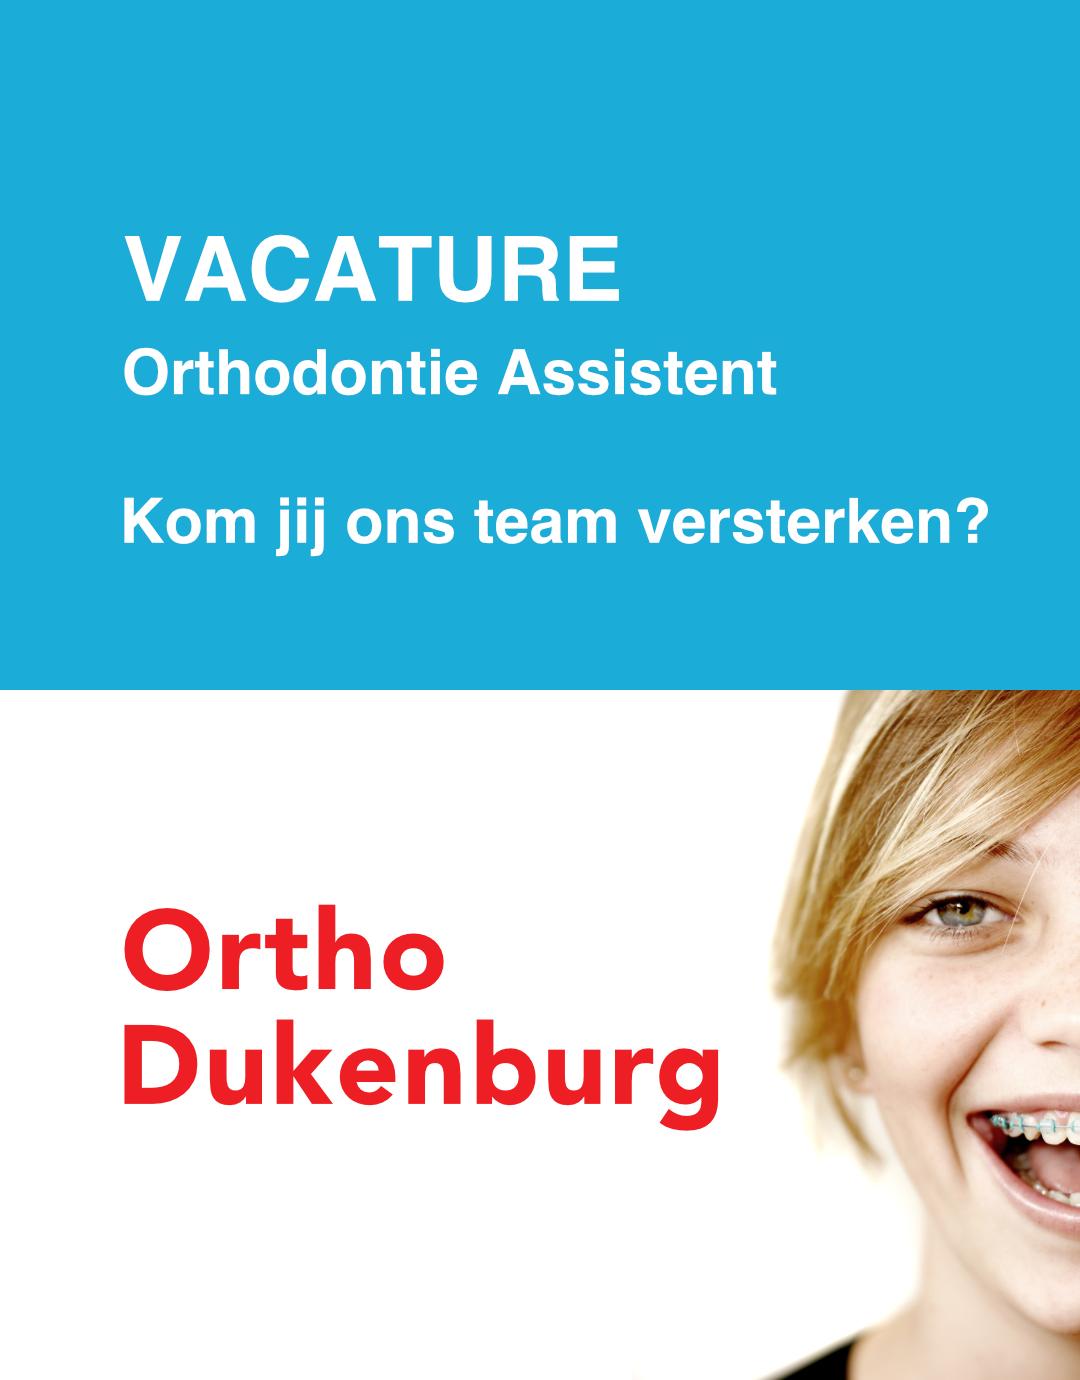 Vacature OrthoDukenburg